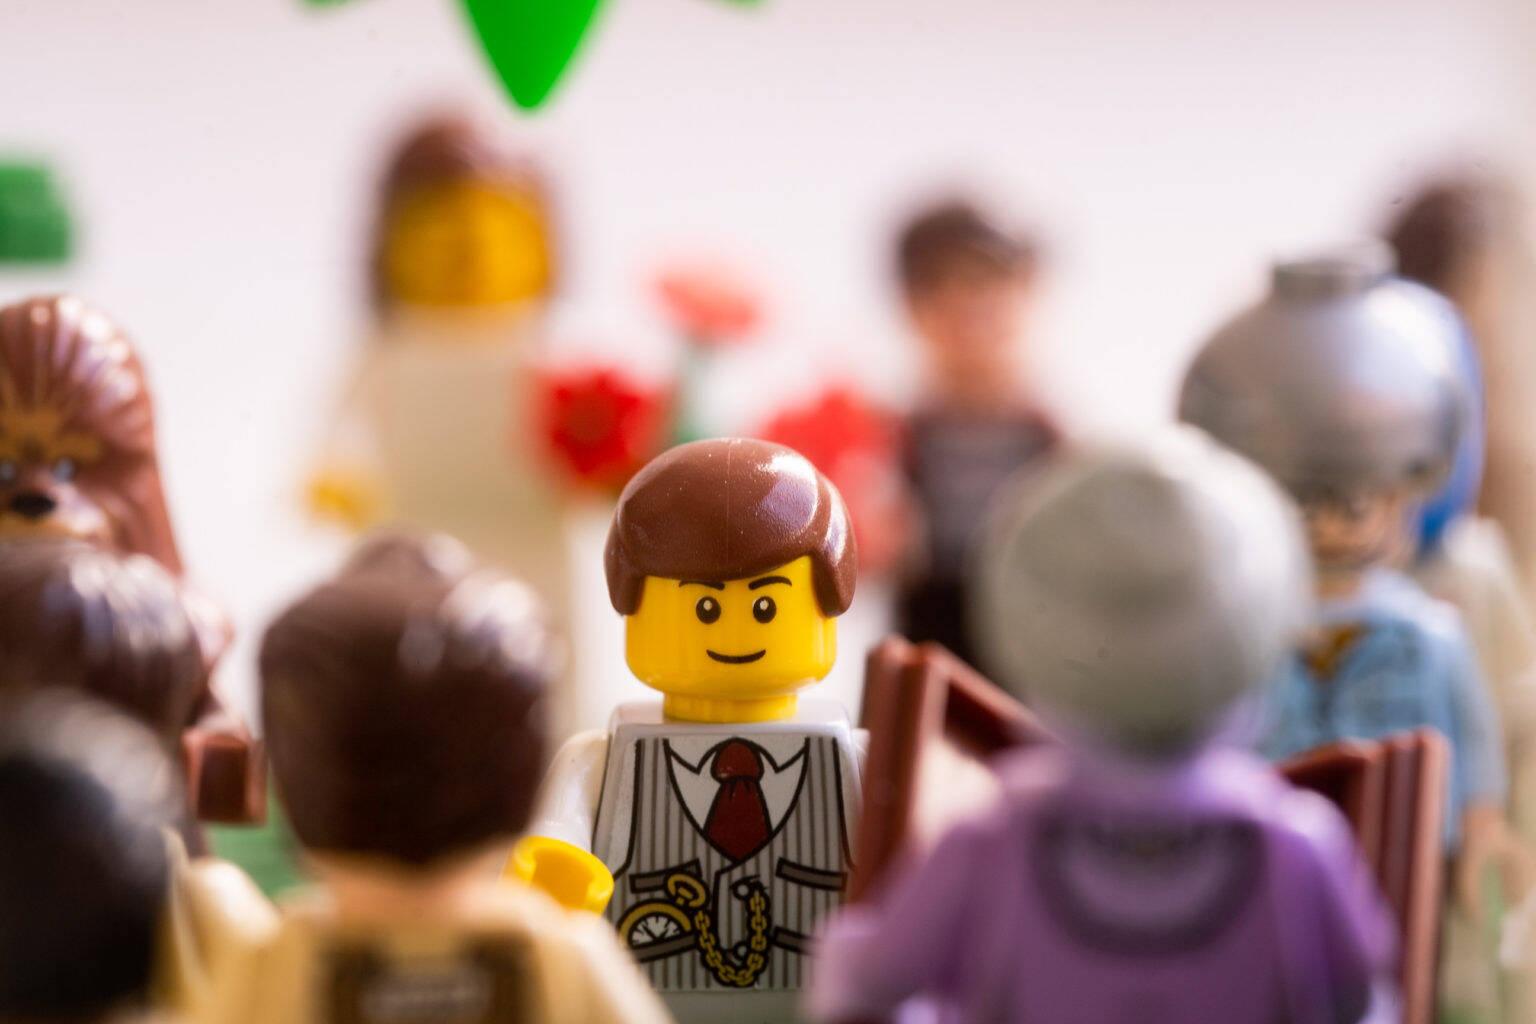 Em isolamento, fotógrafo cria festa de casamento usando Lego